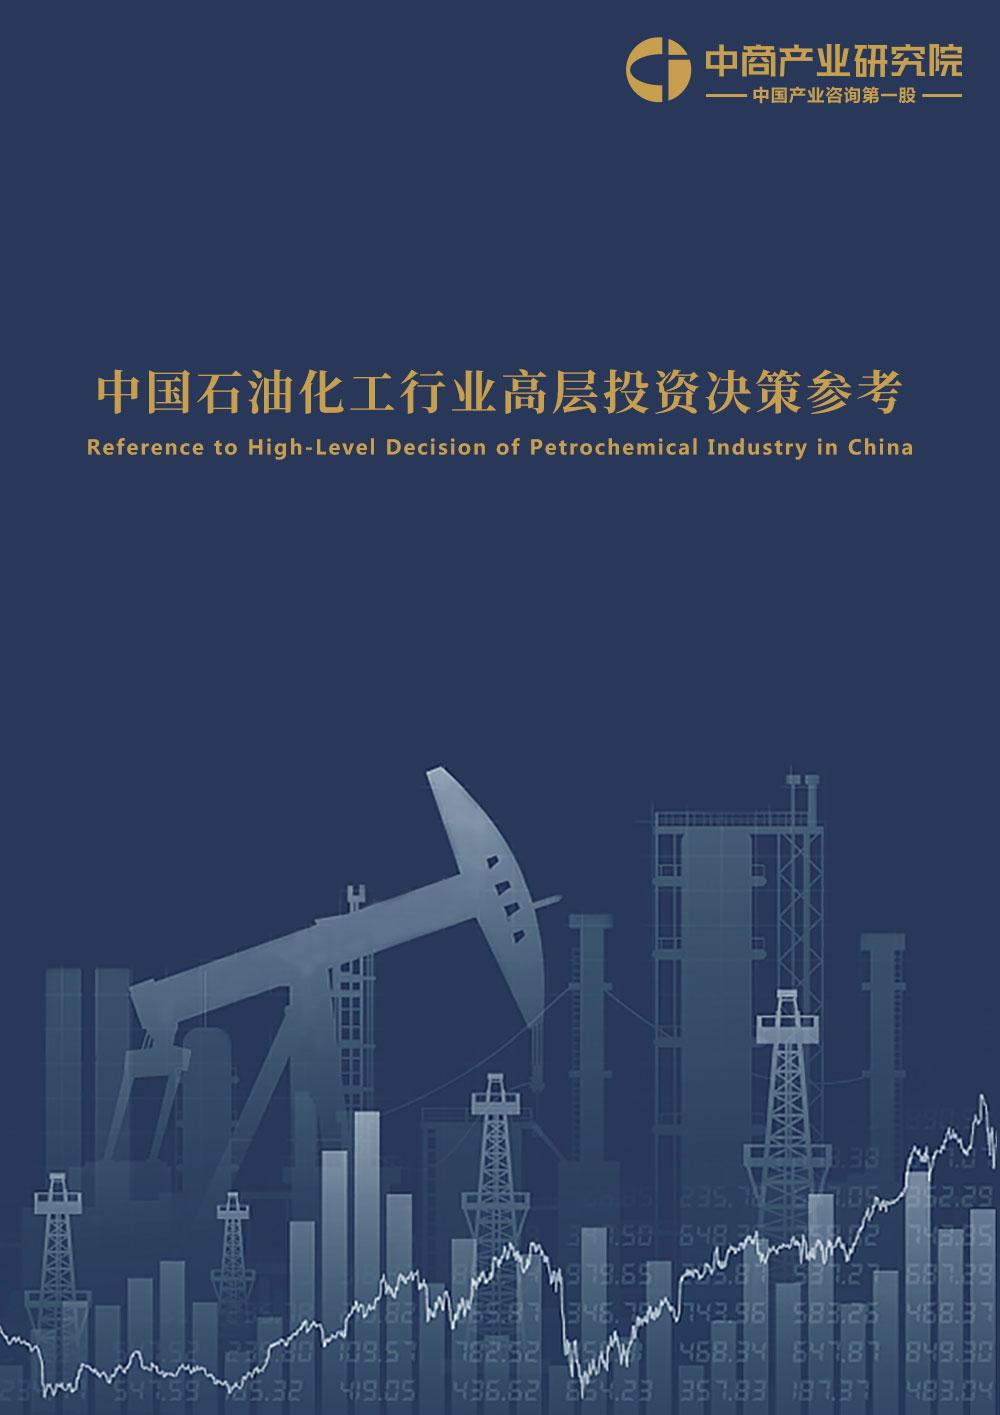 中国石油化工行业投资决策参考(2018年11月)